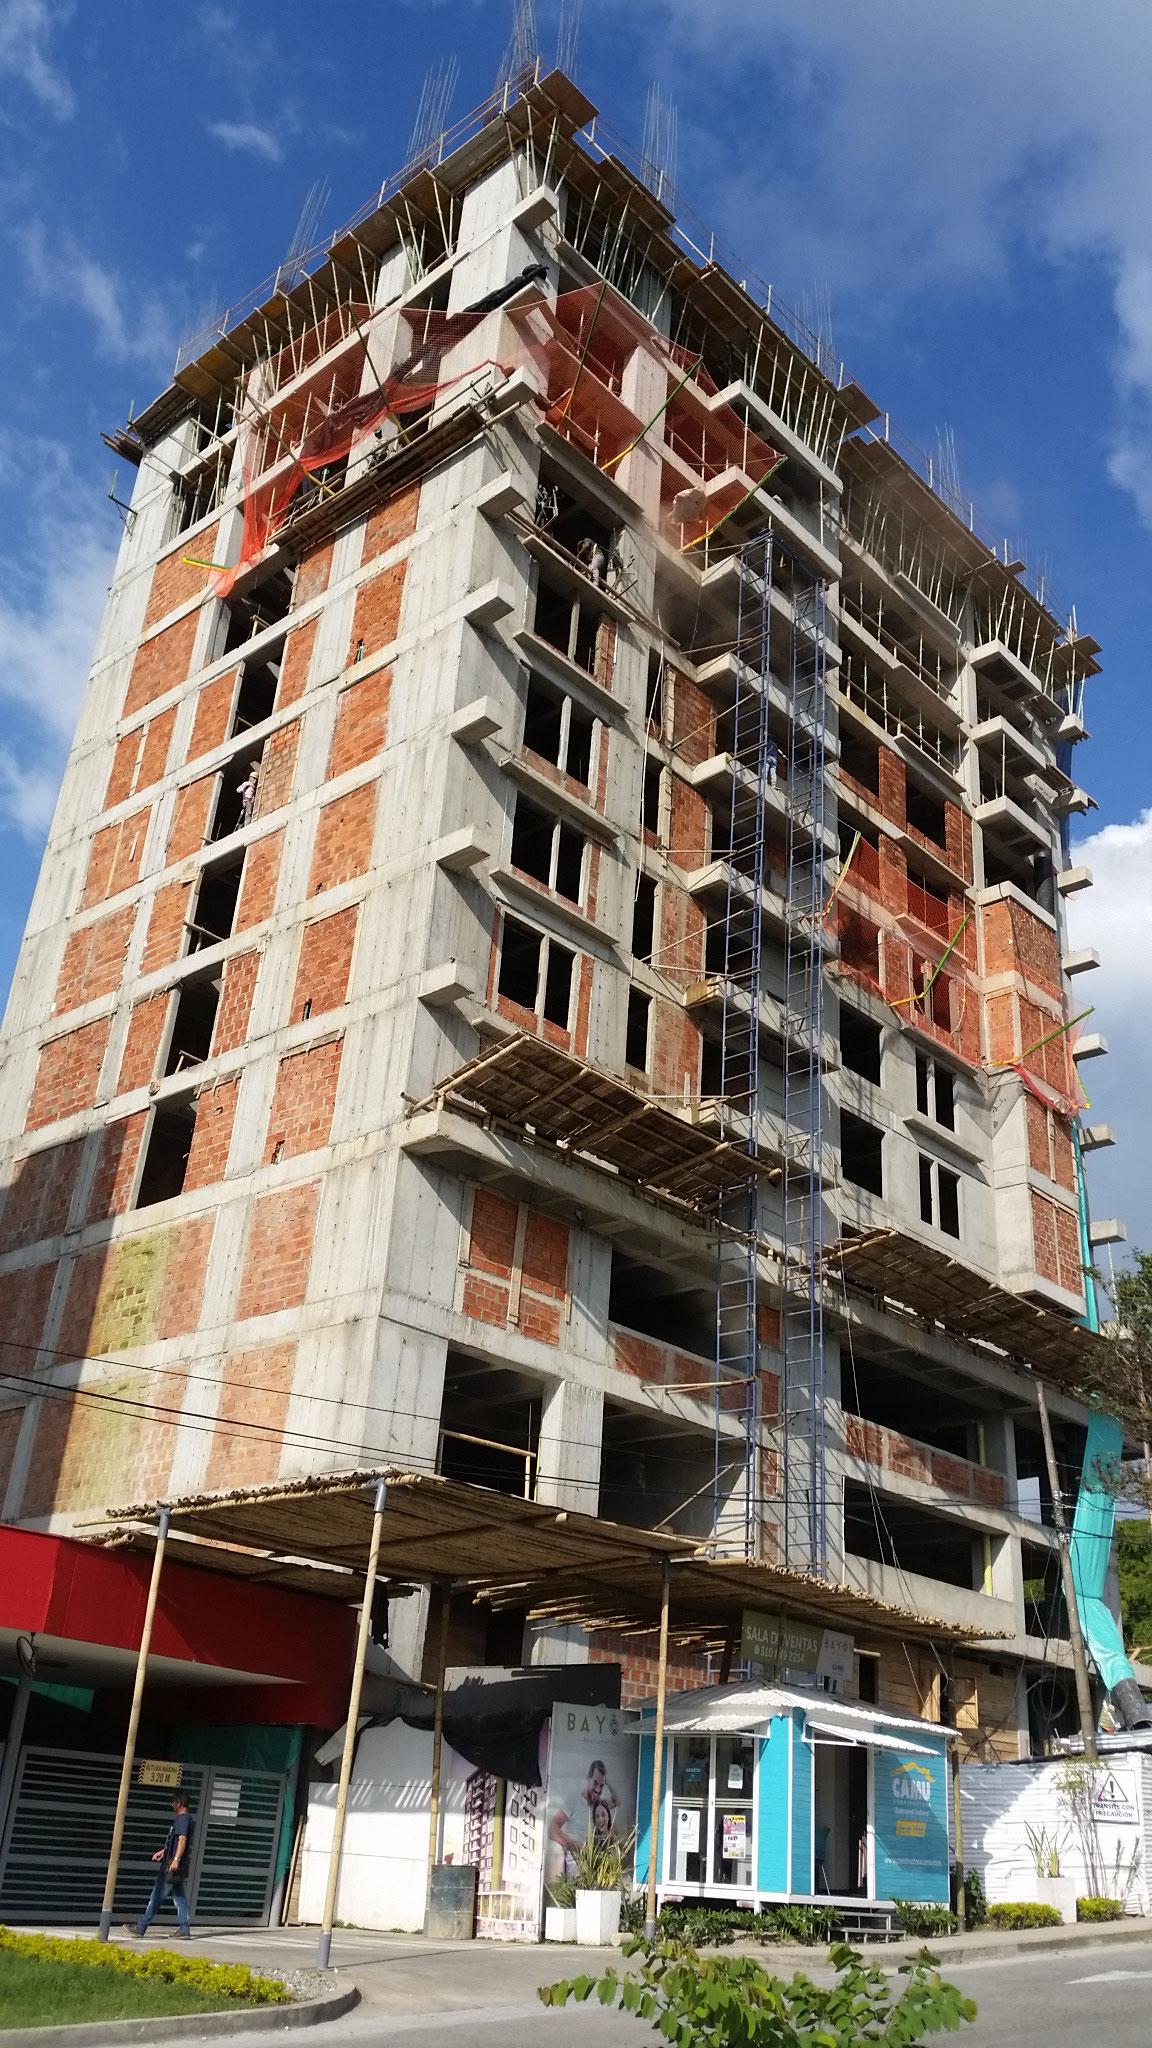 EDIFICIO PORTAL DE LA ALAMEDA, URBE CONSTRUCCIONES, ARMENIA